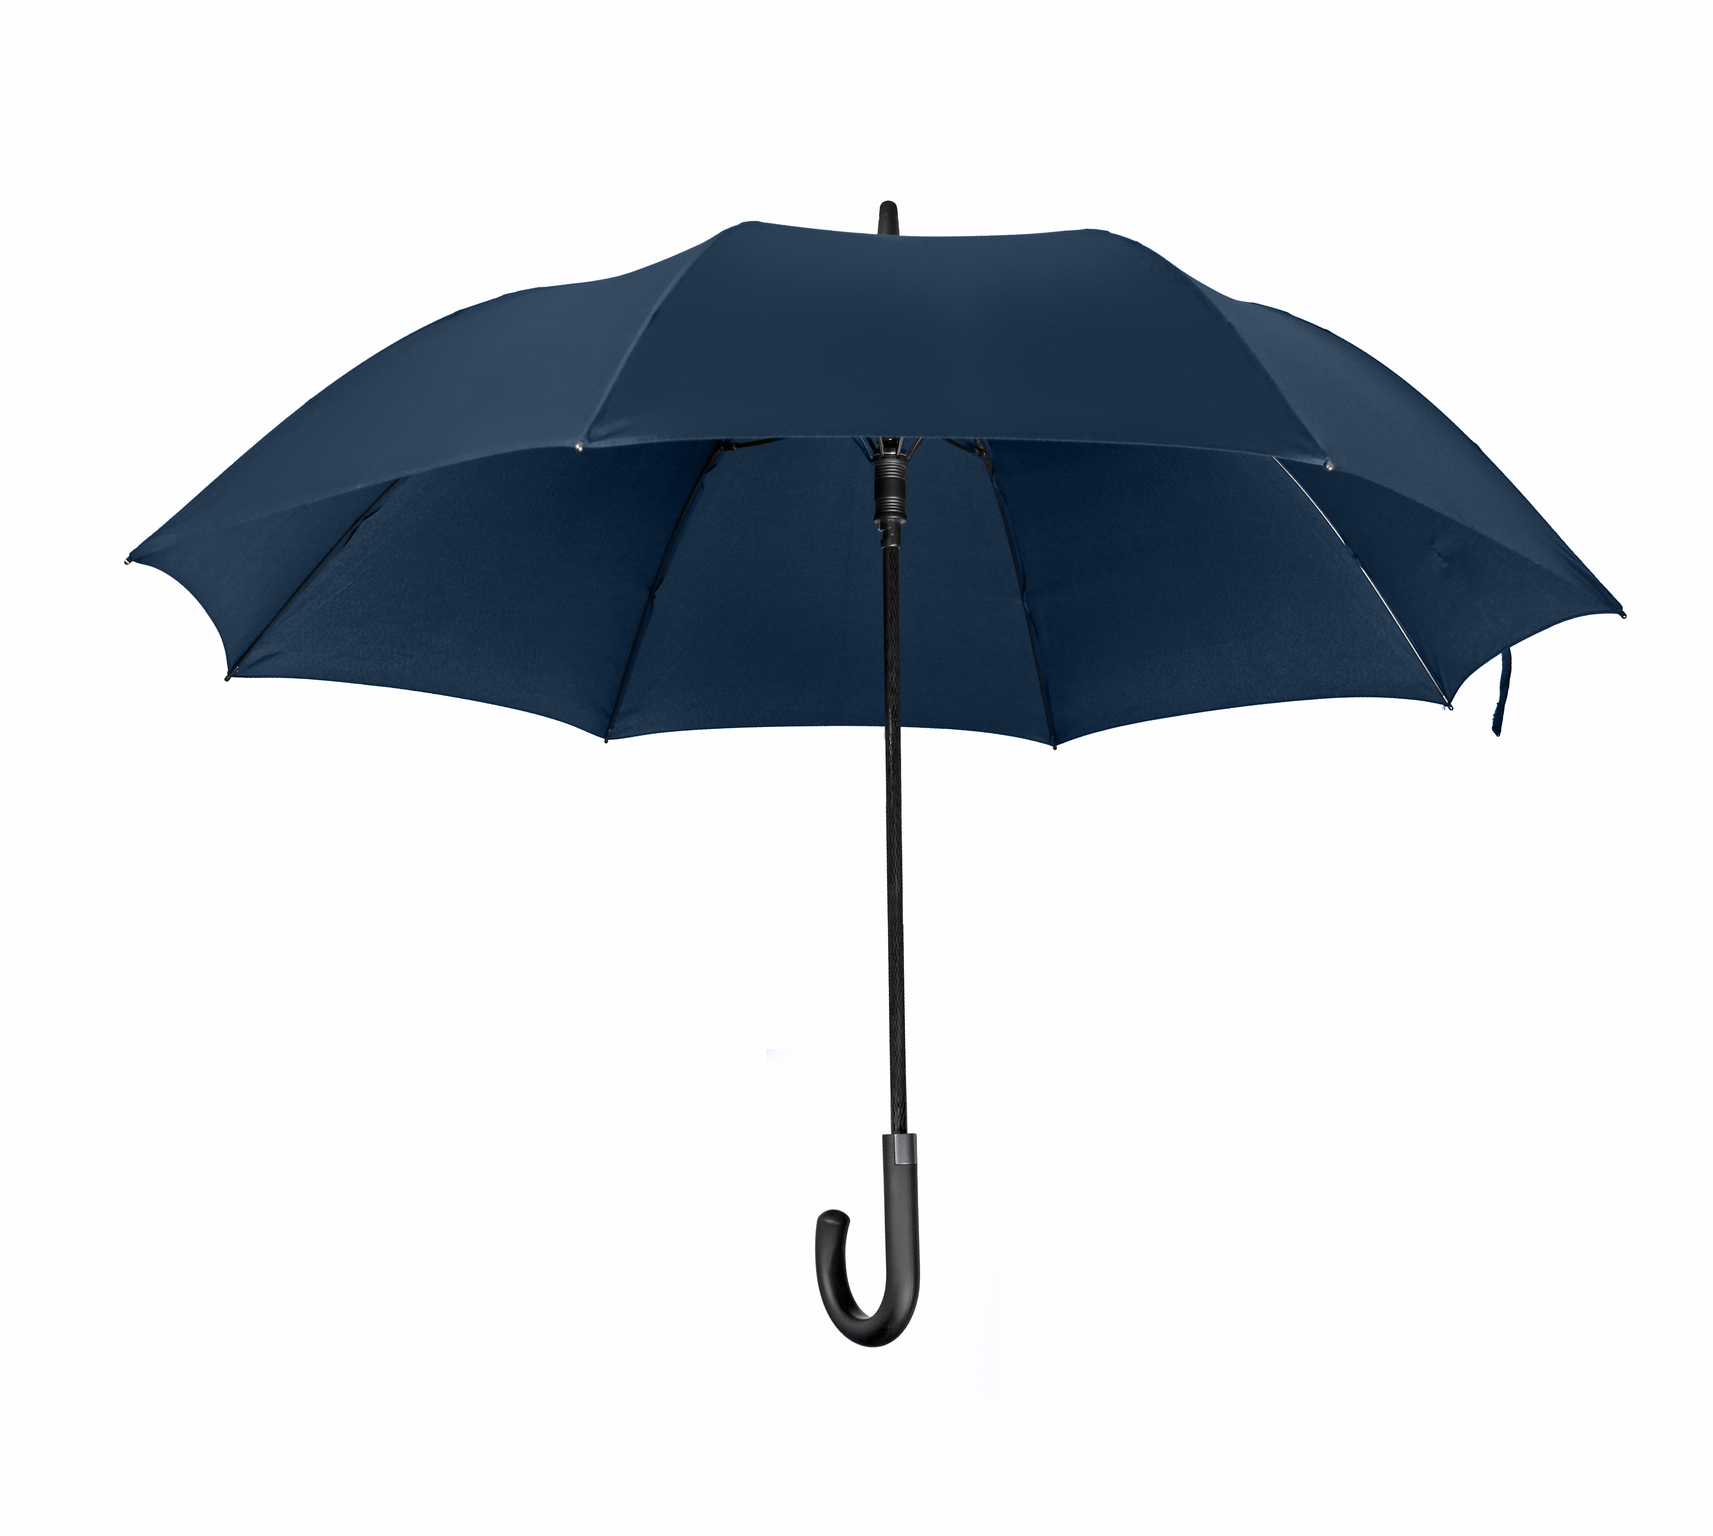 Арт. 21431 Зонт с карбоновым держателем